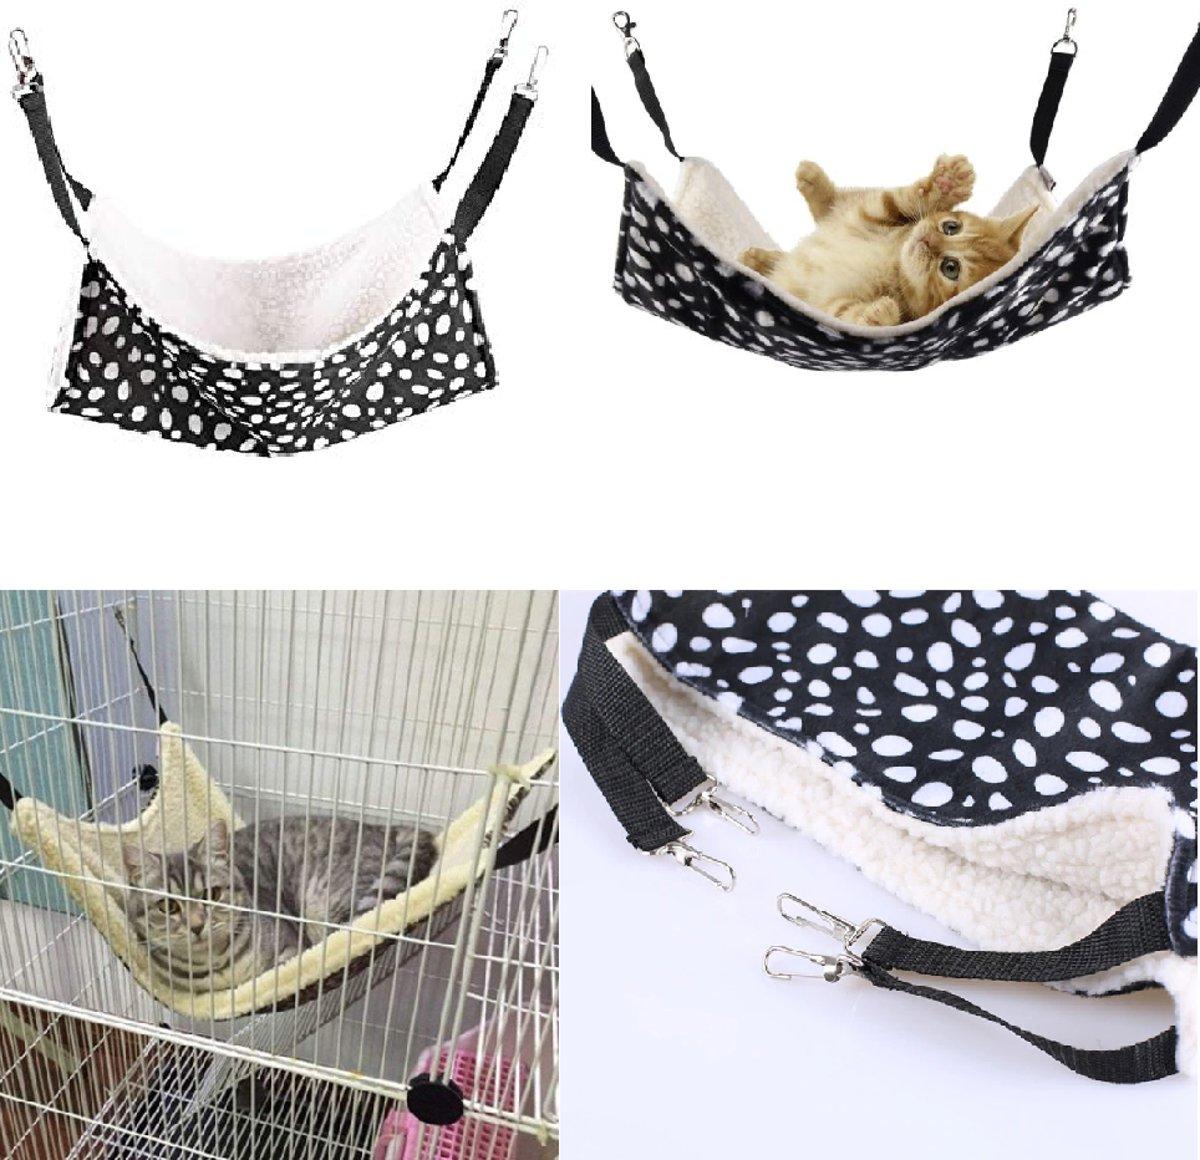 Knaagdieren en katten hangmat ophang model - 37x37 cm kopen